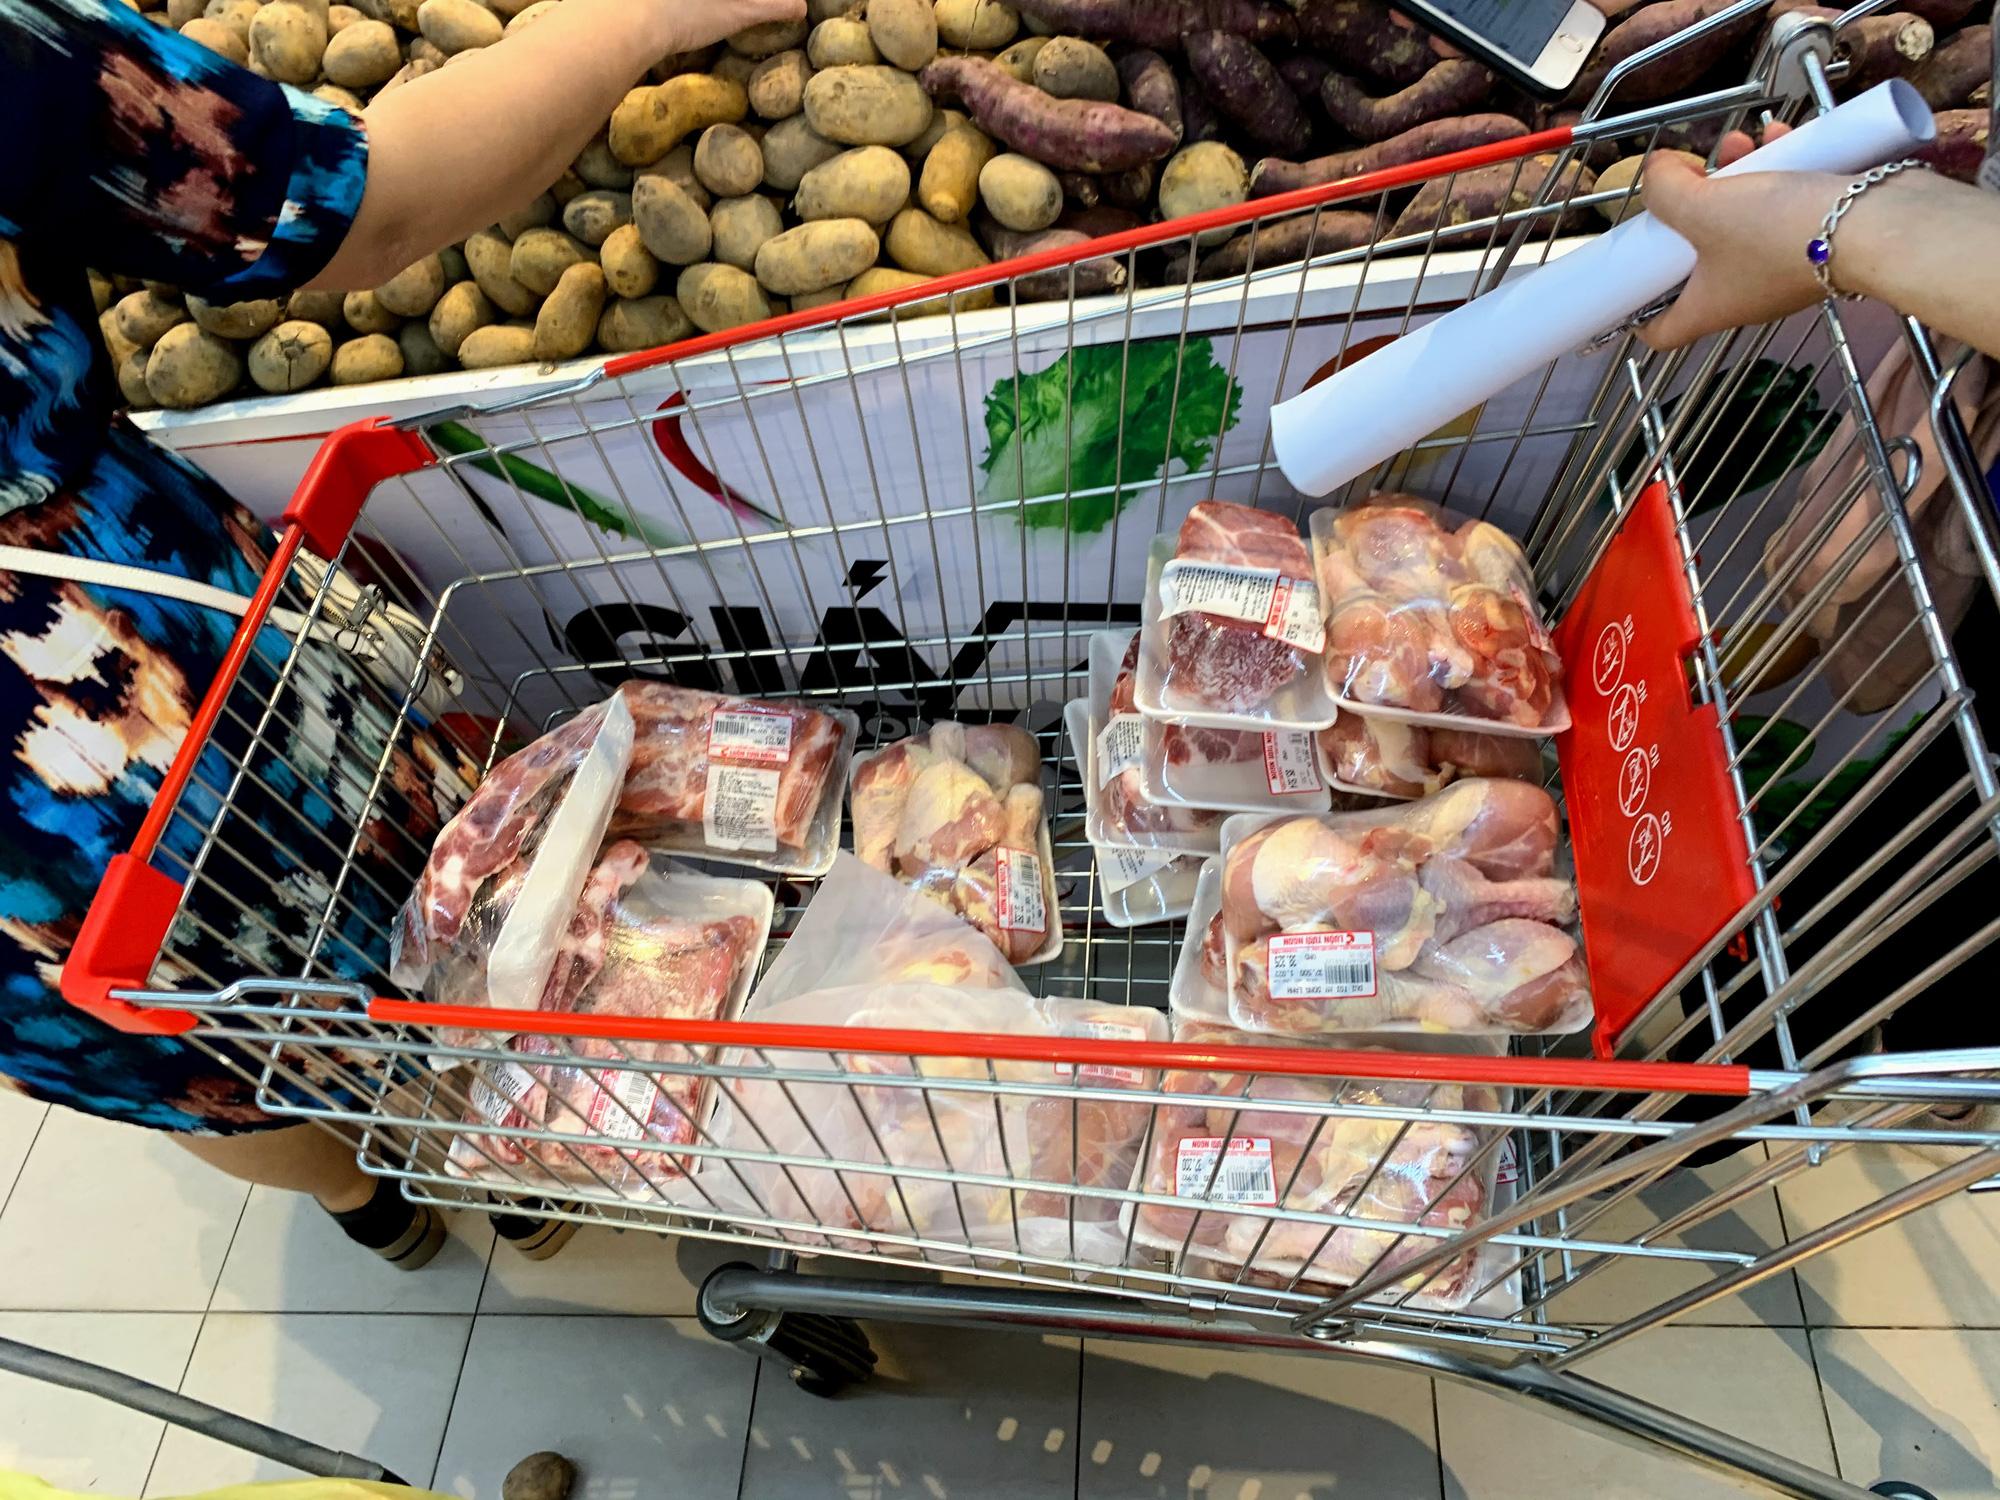 Trước giờ giới nghiêm, người Hà Nội ùn ùn kéo về siêu thị, mua sạch mì tôm, thực phẩm, giấy vệ sinh - Ảnh 11.